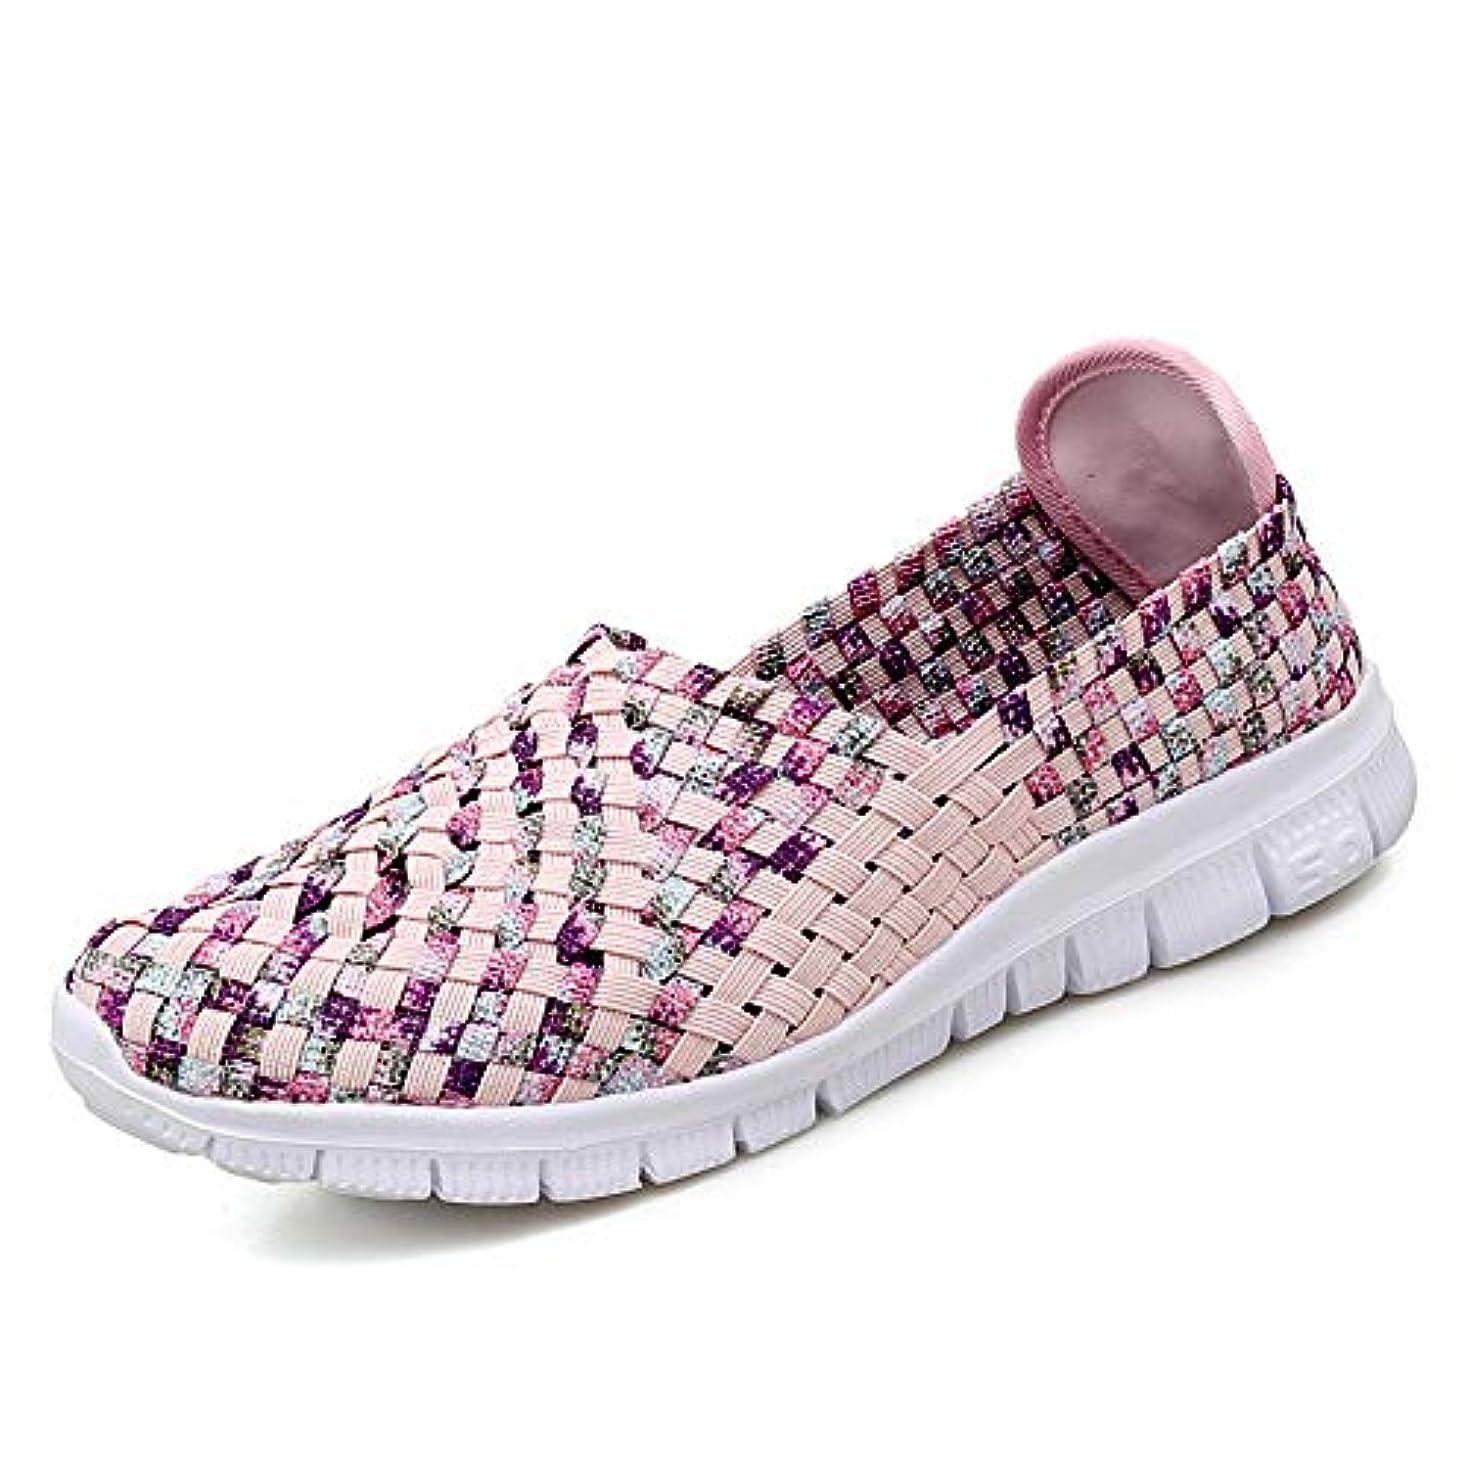 クレデンシャル寛大さプロペラ運動靴 スニーカー レディース 女性 ランニングシューズ ウォーキングシューズ 超軽量 歩きやすい 通勤 通学